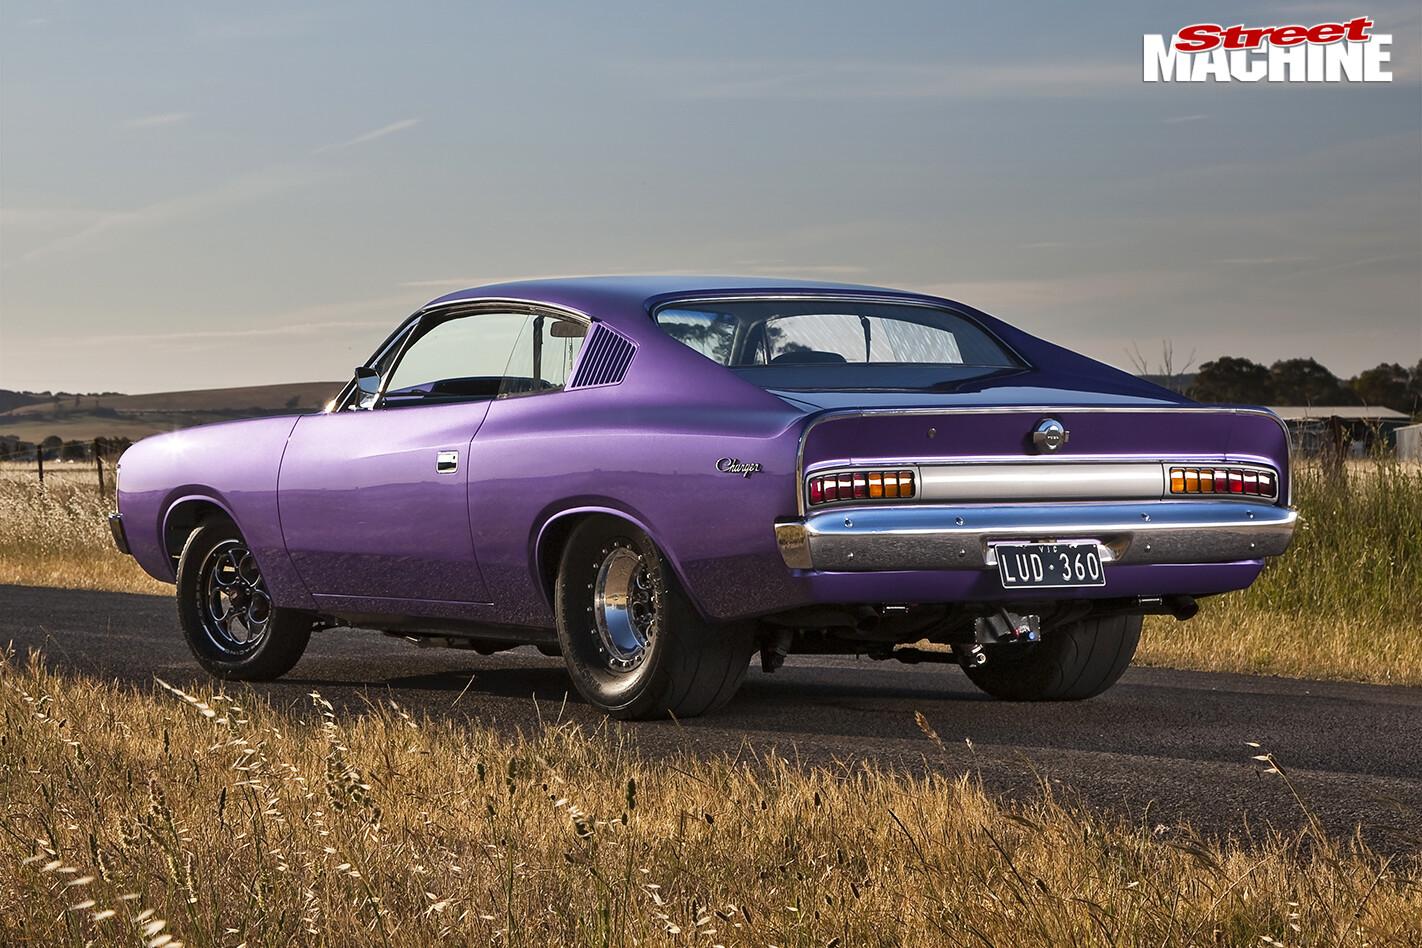 Chrysler -valiant -back